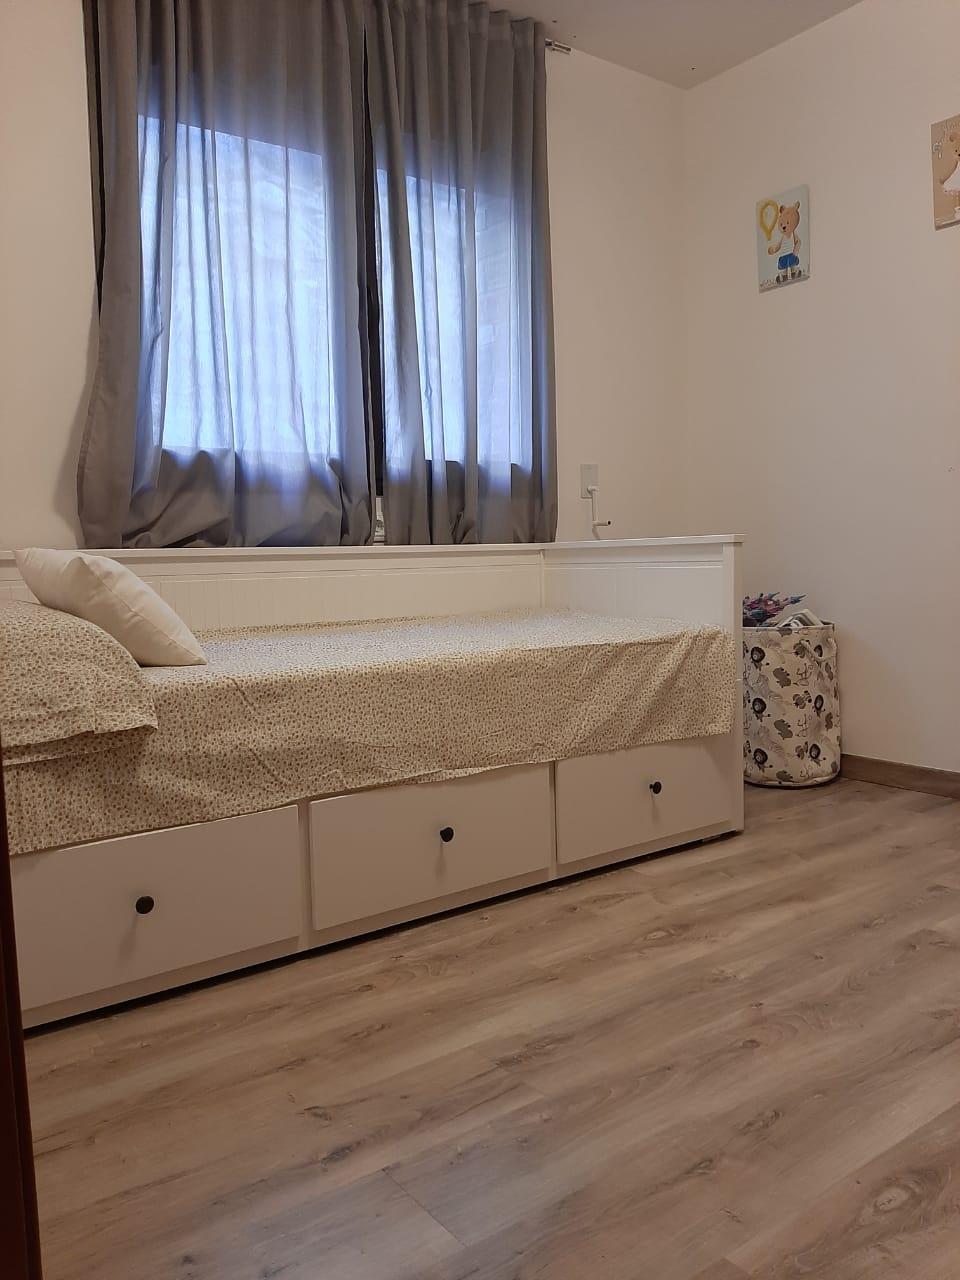 Pis en venda a Arinsal, 2 habitacions, 85 metres